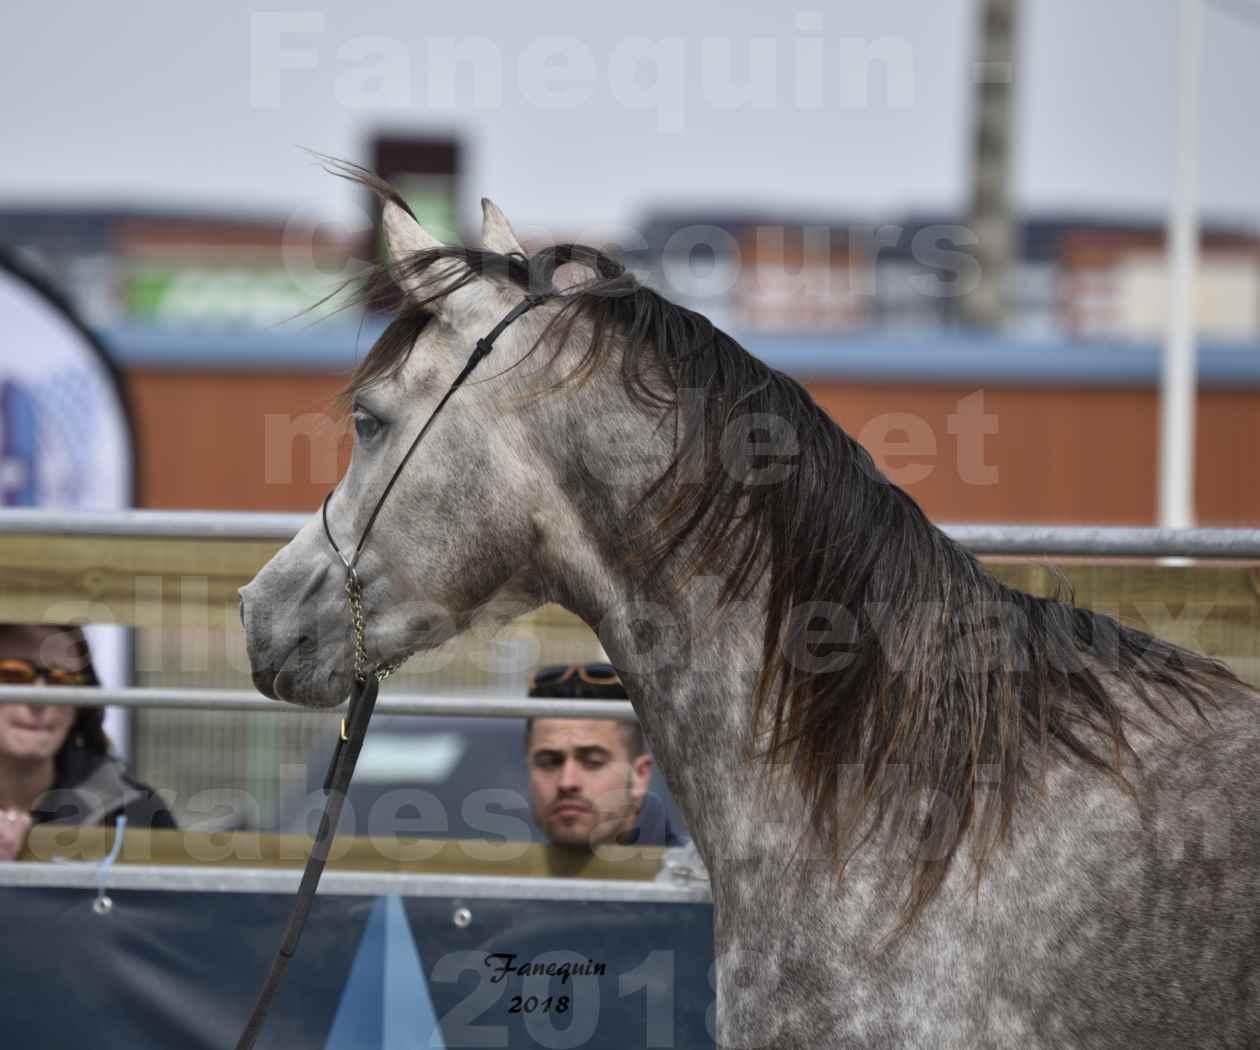 Concours d'élevage de Chevaux Arabes - Demi Sang Arabes - Anglo Arabes - ALBI les 6 & 7 Avril 2018 - PERCEVAL DE LAFON - Notre Sélection - Portraits - 01